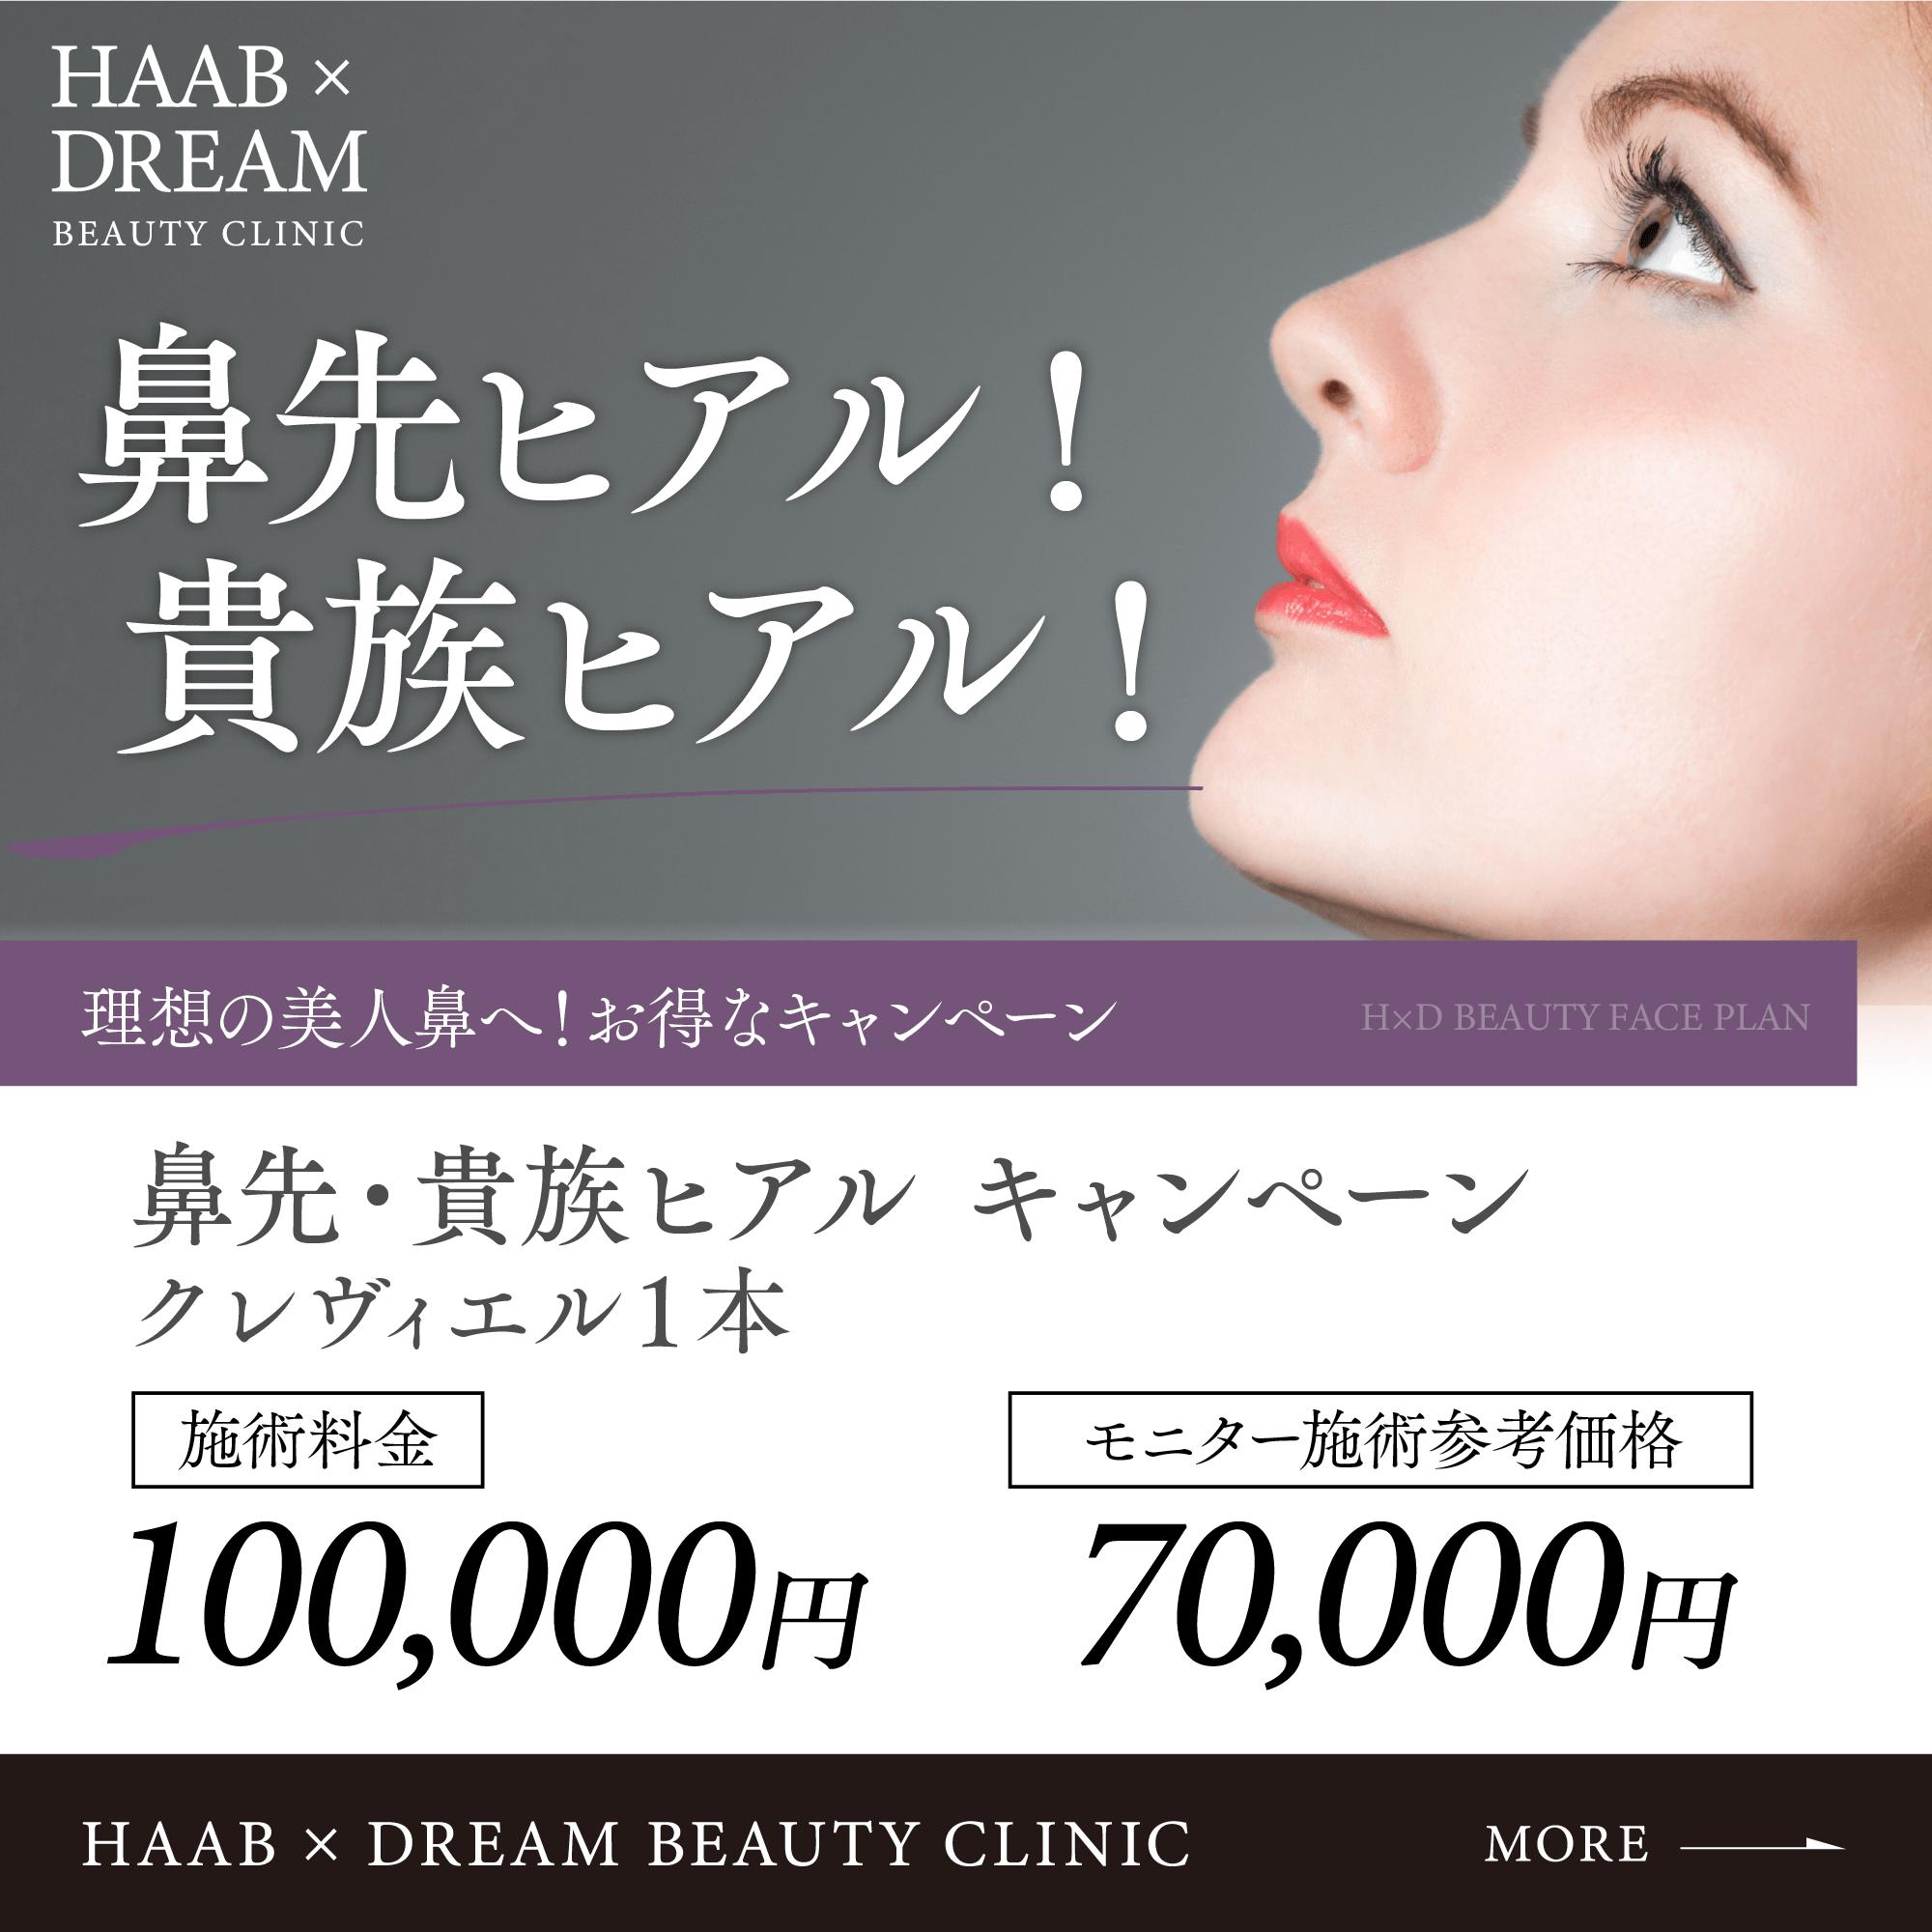 皮膚科治療の鼻先ヒアルロン酸注射の特別プラン告知画像